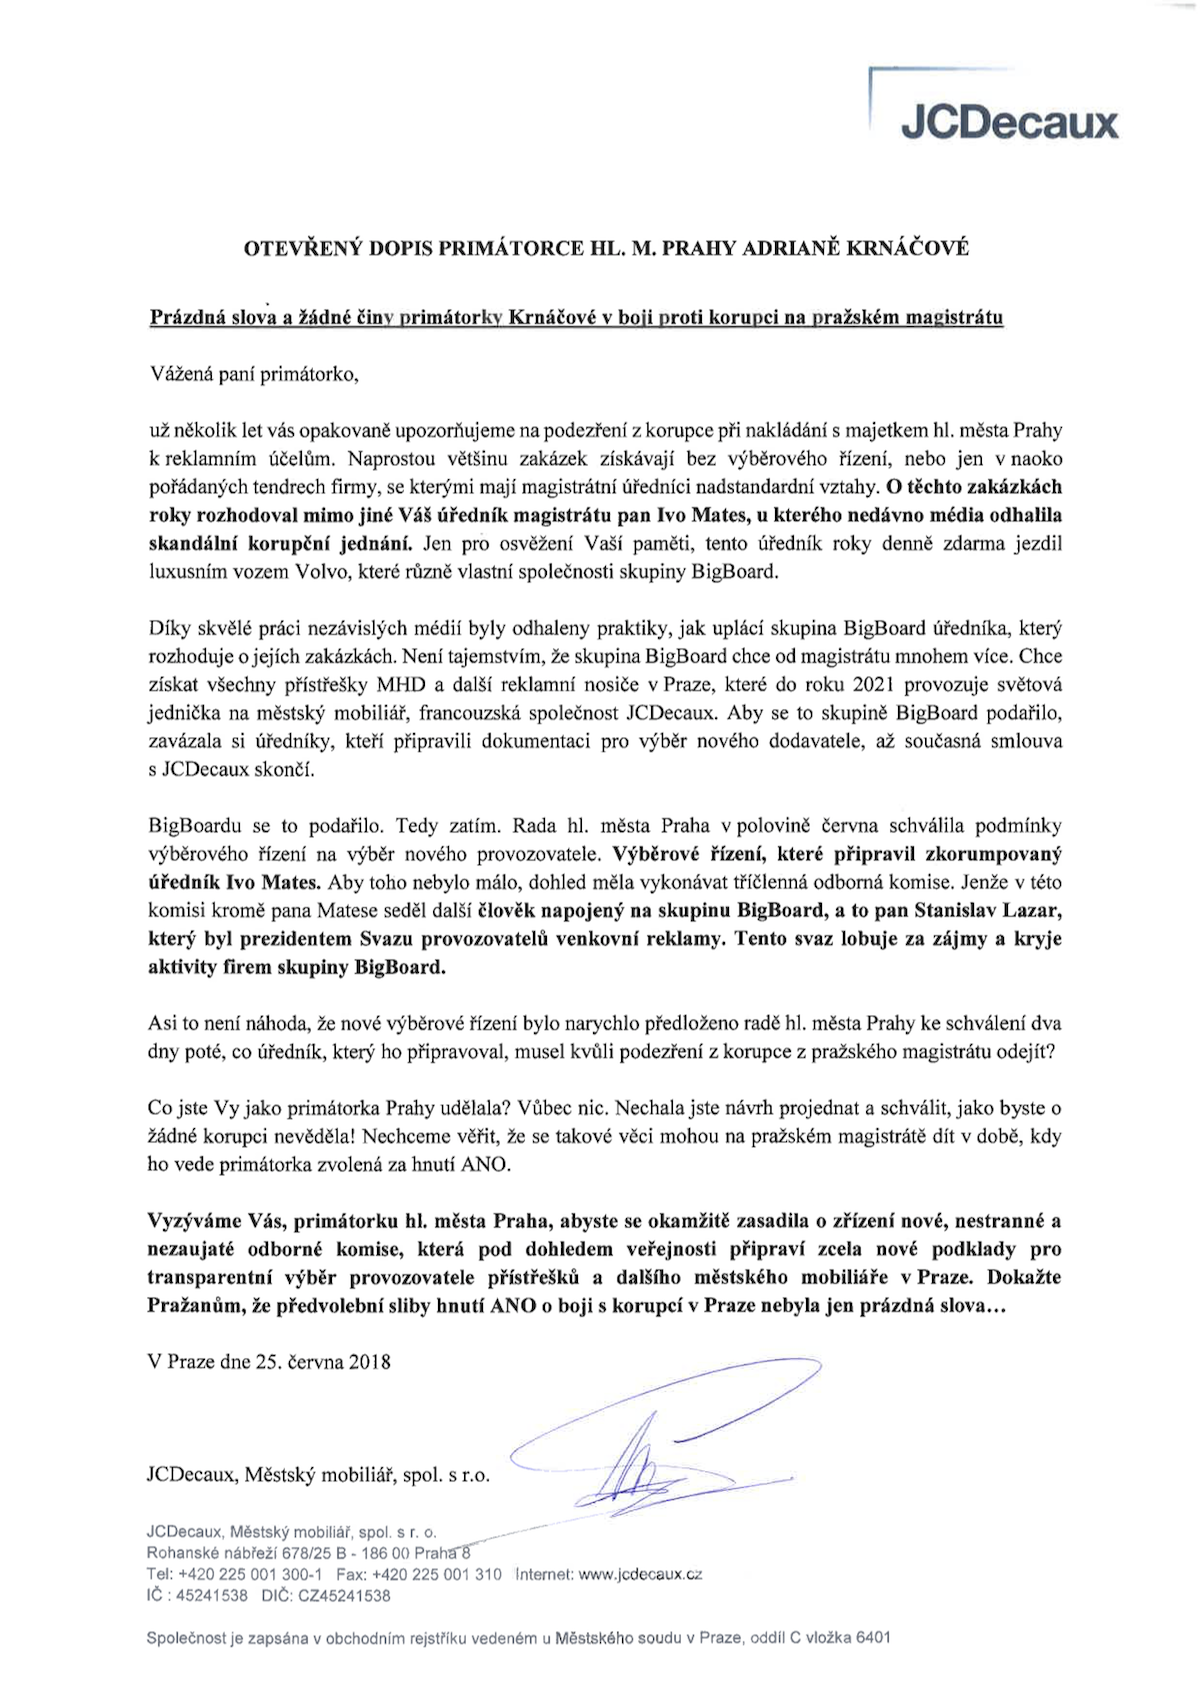 Otevřený dopis JCDecaux primátorce Prahy Krnáčové